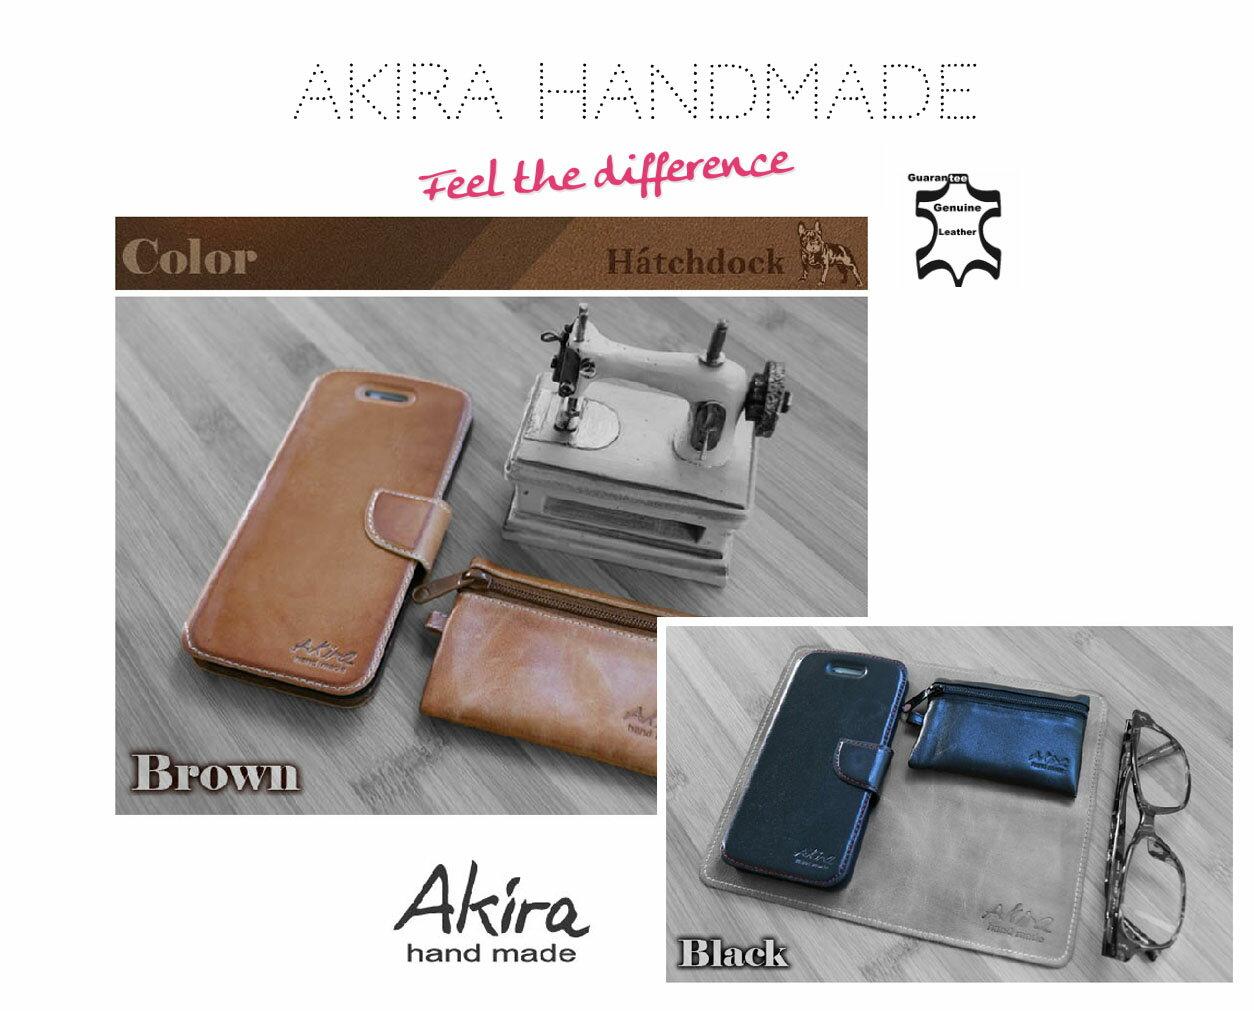 [HTC]Akira手工真皮皮套 [新款可插卡]台灣獨家特別版[D820,D826,A9,M9,M9+,EYE,D620] 2